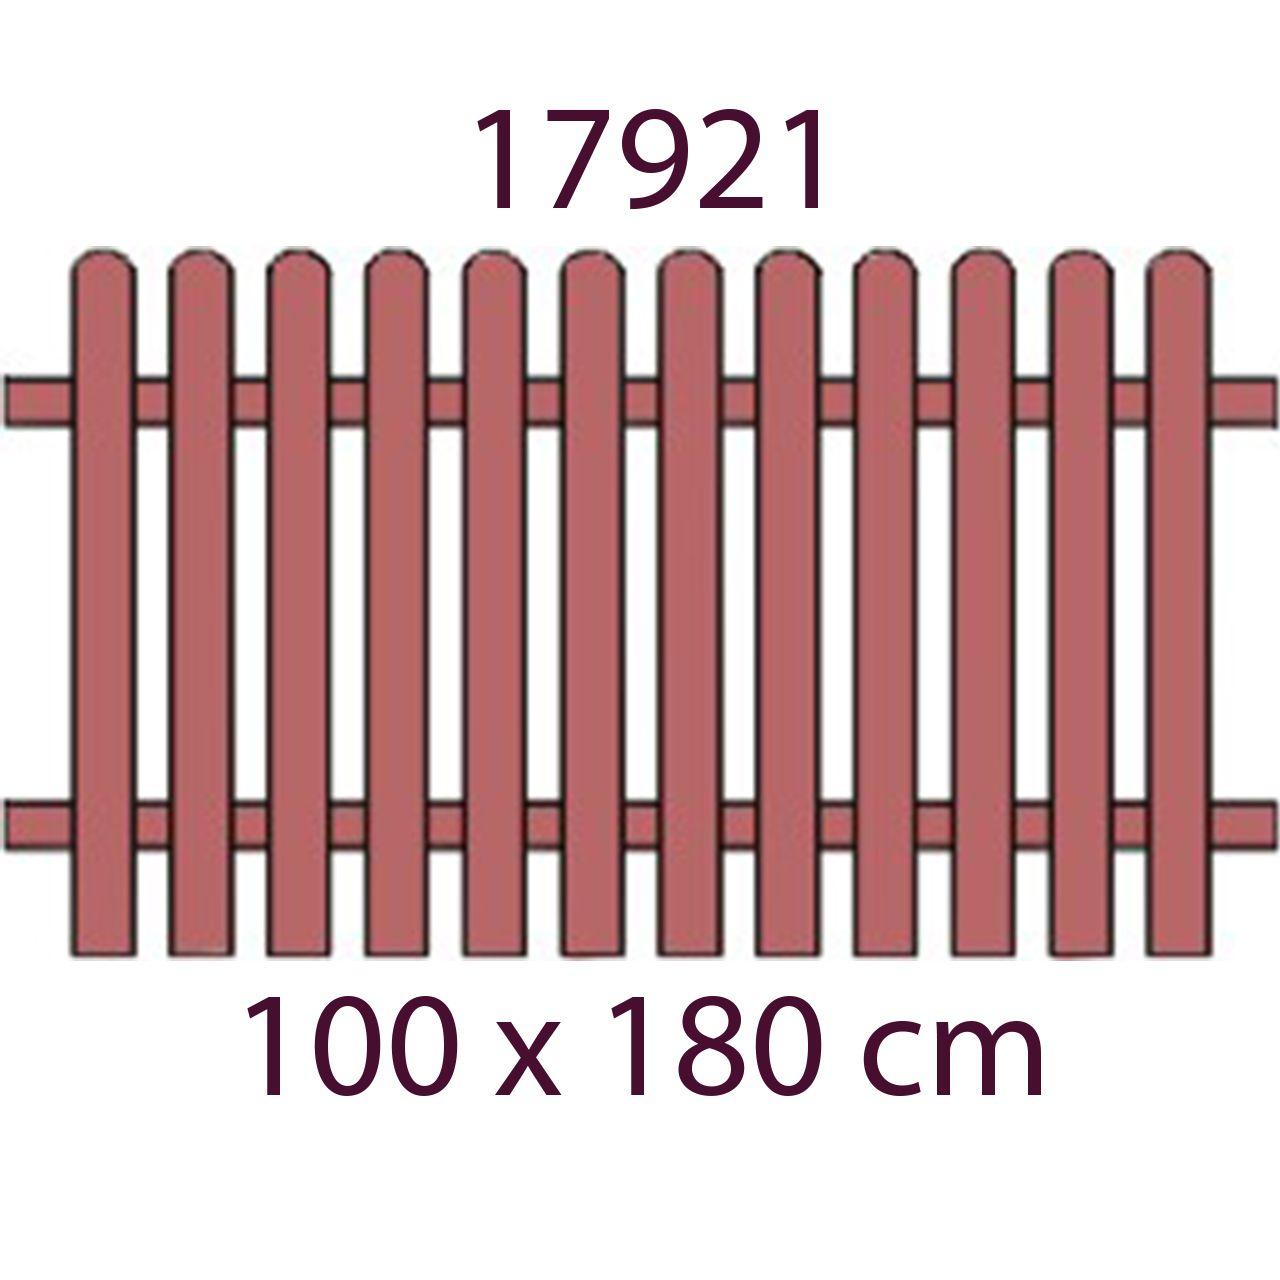 B&D Burchex Laťkový plot modřínový | BigFun.cz